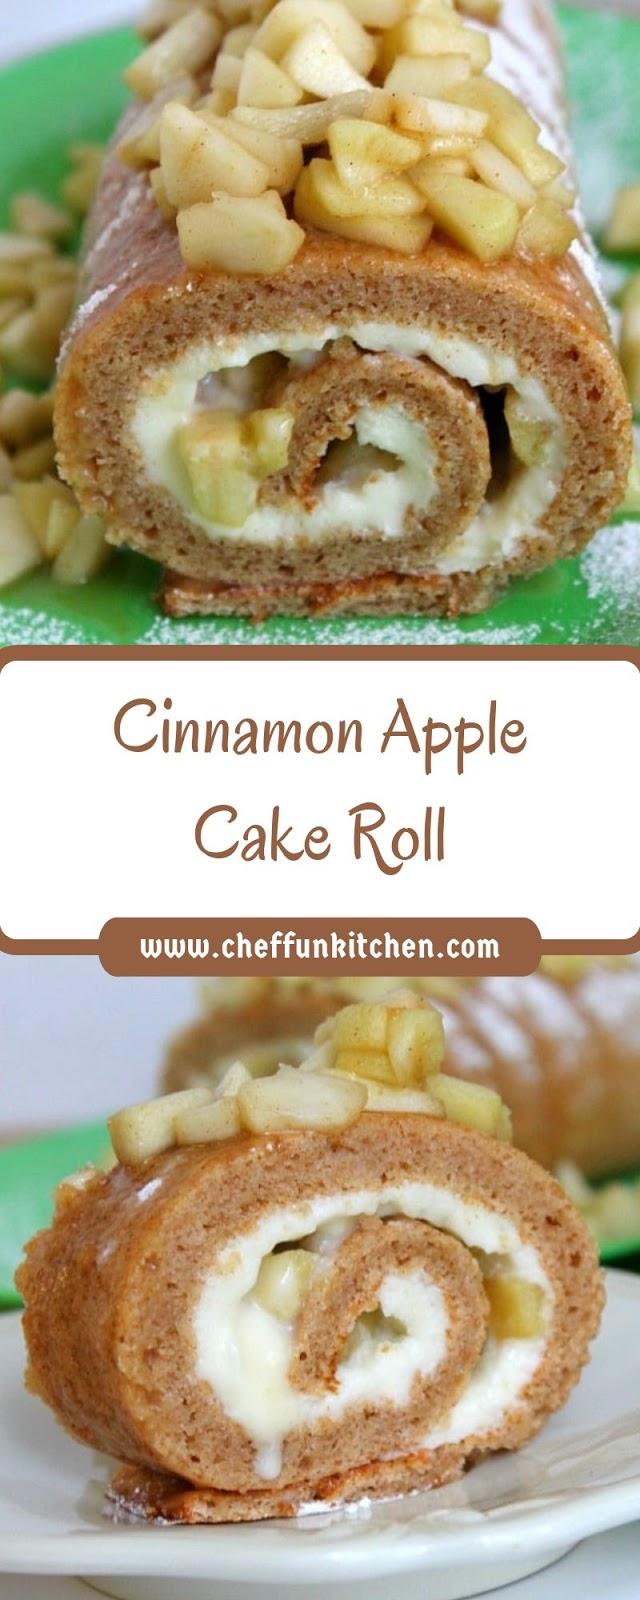 Cinnamon Apple Cake Roll